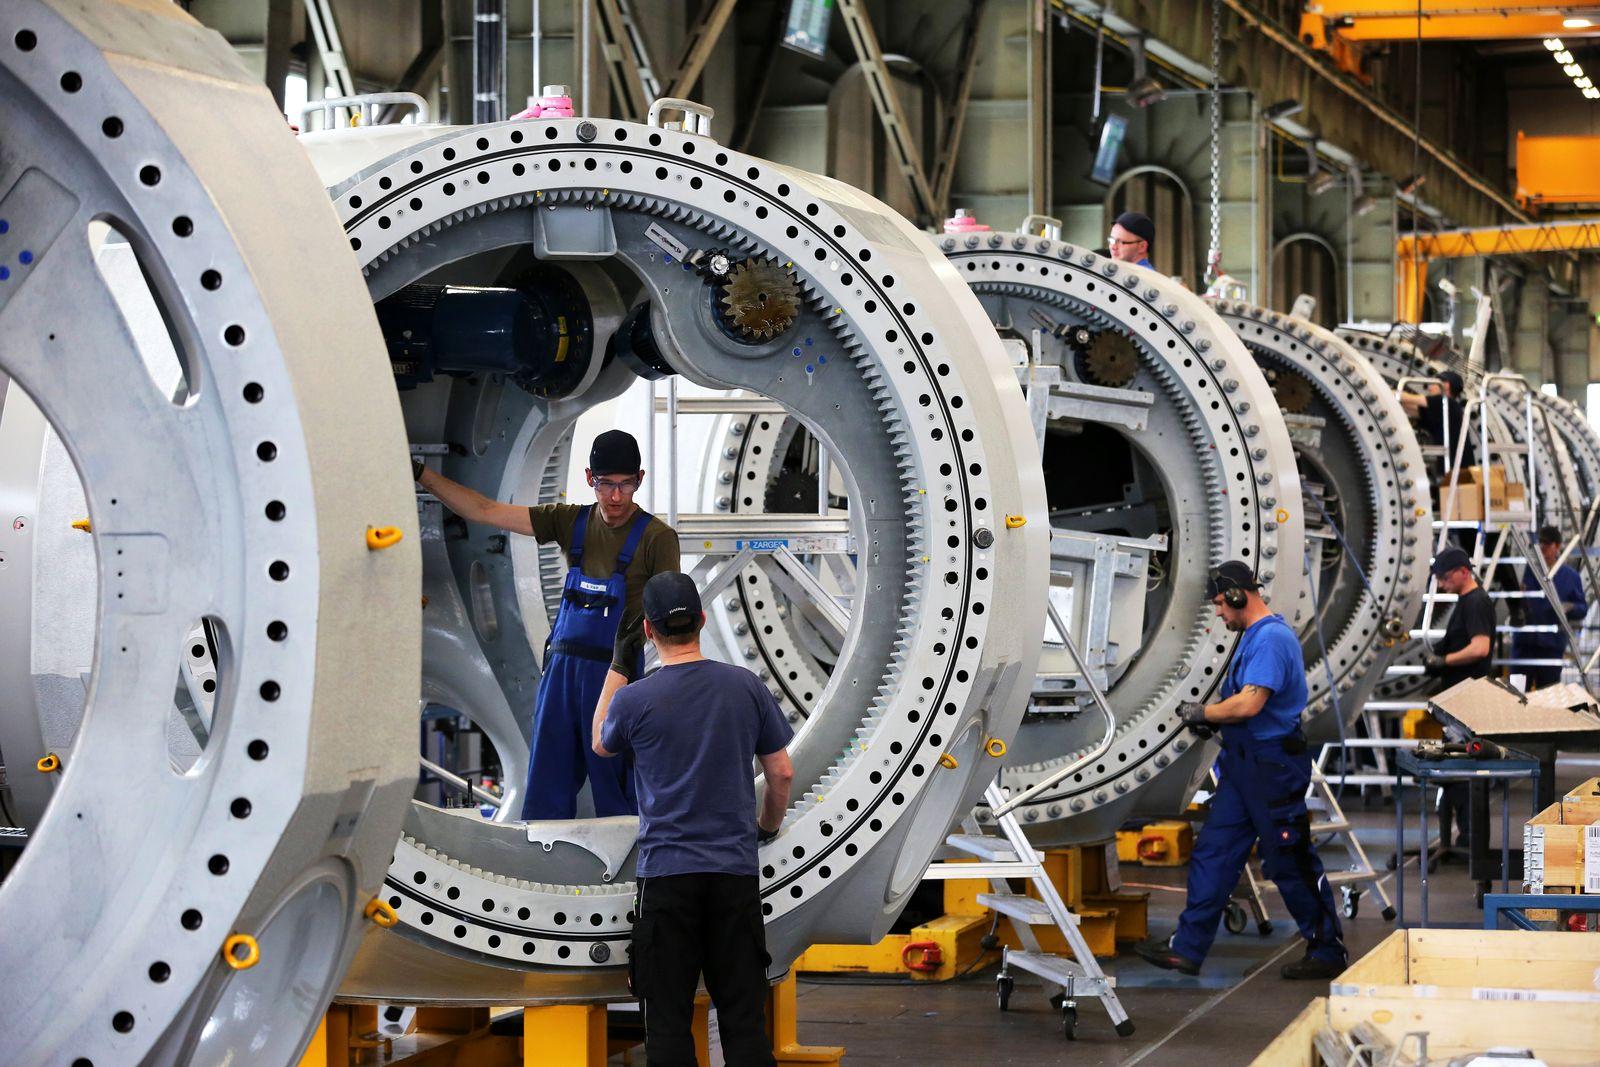 Deutschland / Konjunktur / Wirtschaft / Industrie / Maschinenbau